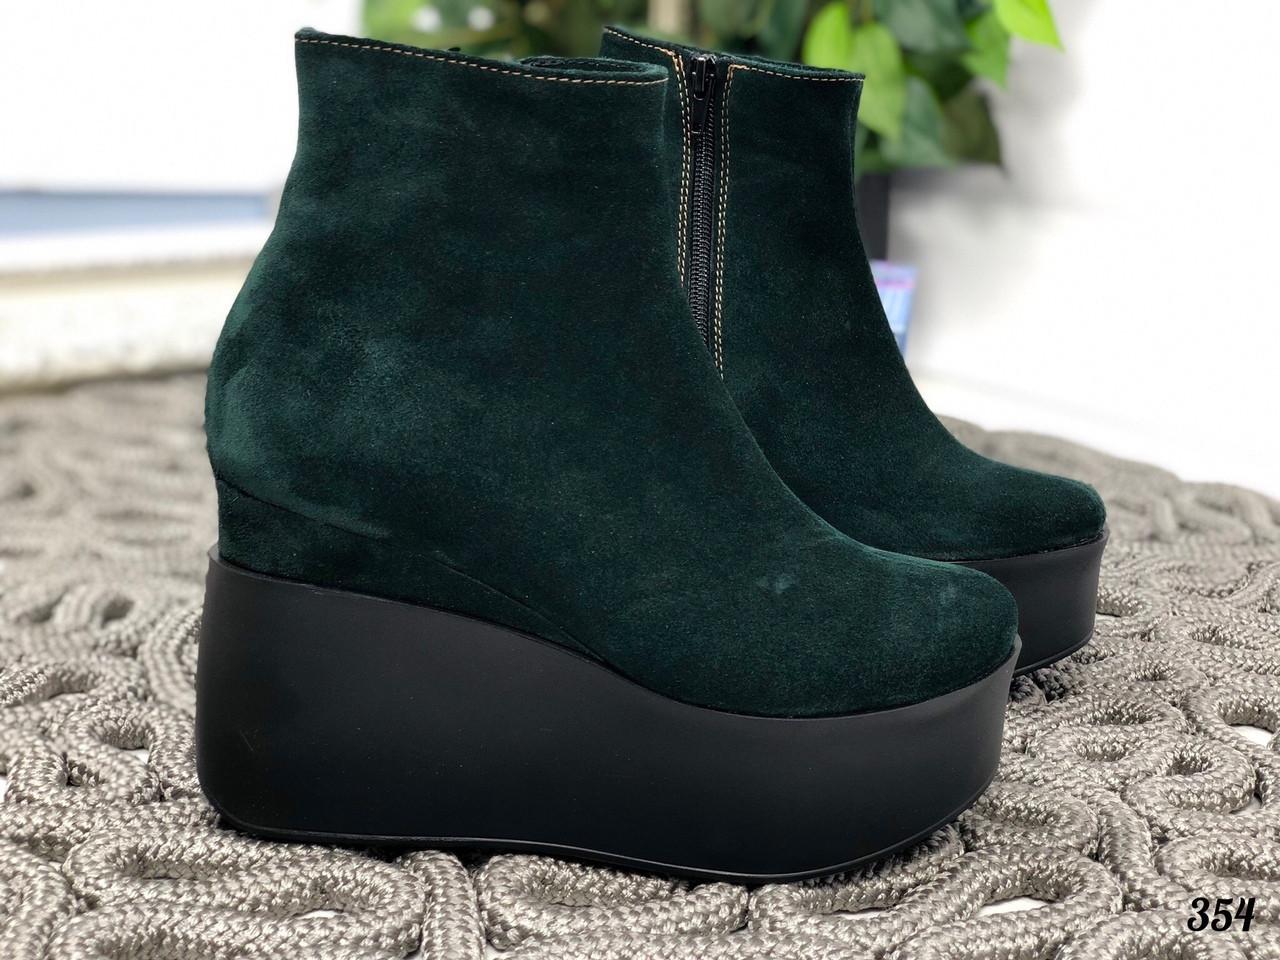 41 р. Ботинки женские зимние зеленые замшевые на танкетке, из натуральной замши, натуральная замша